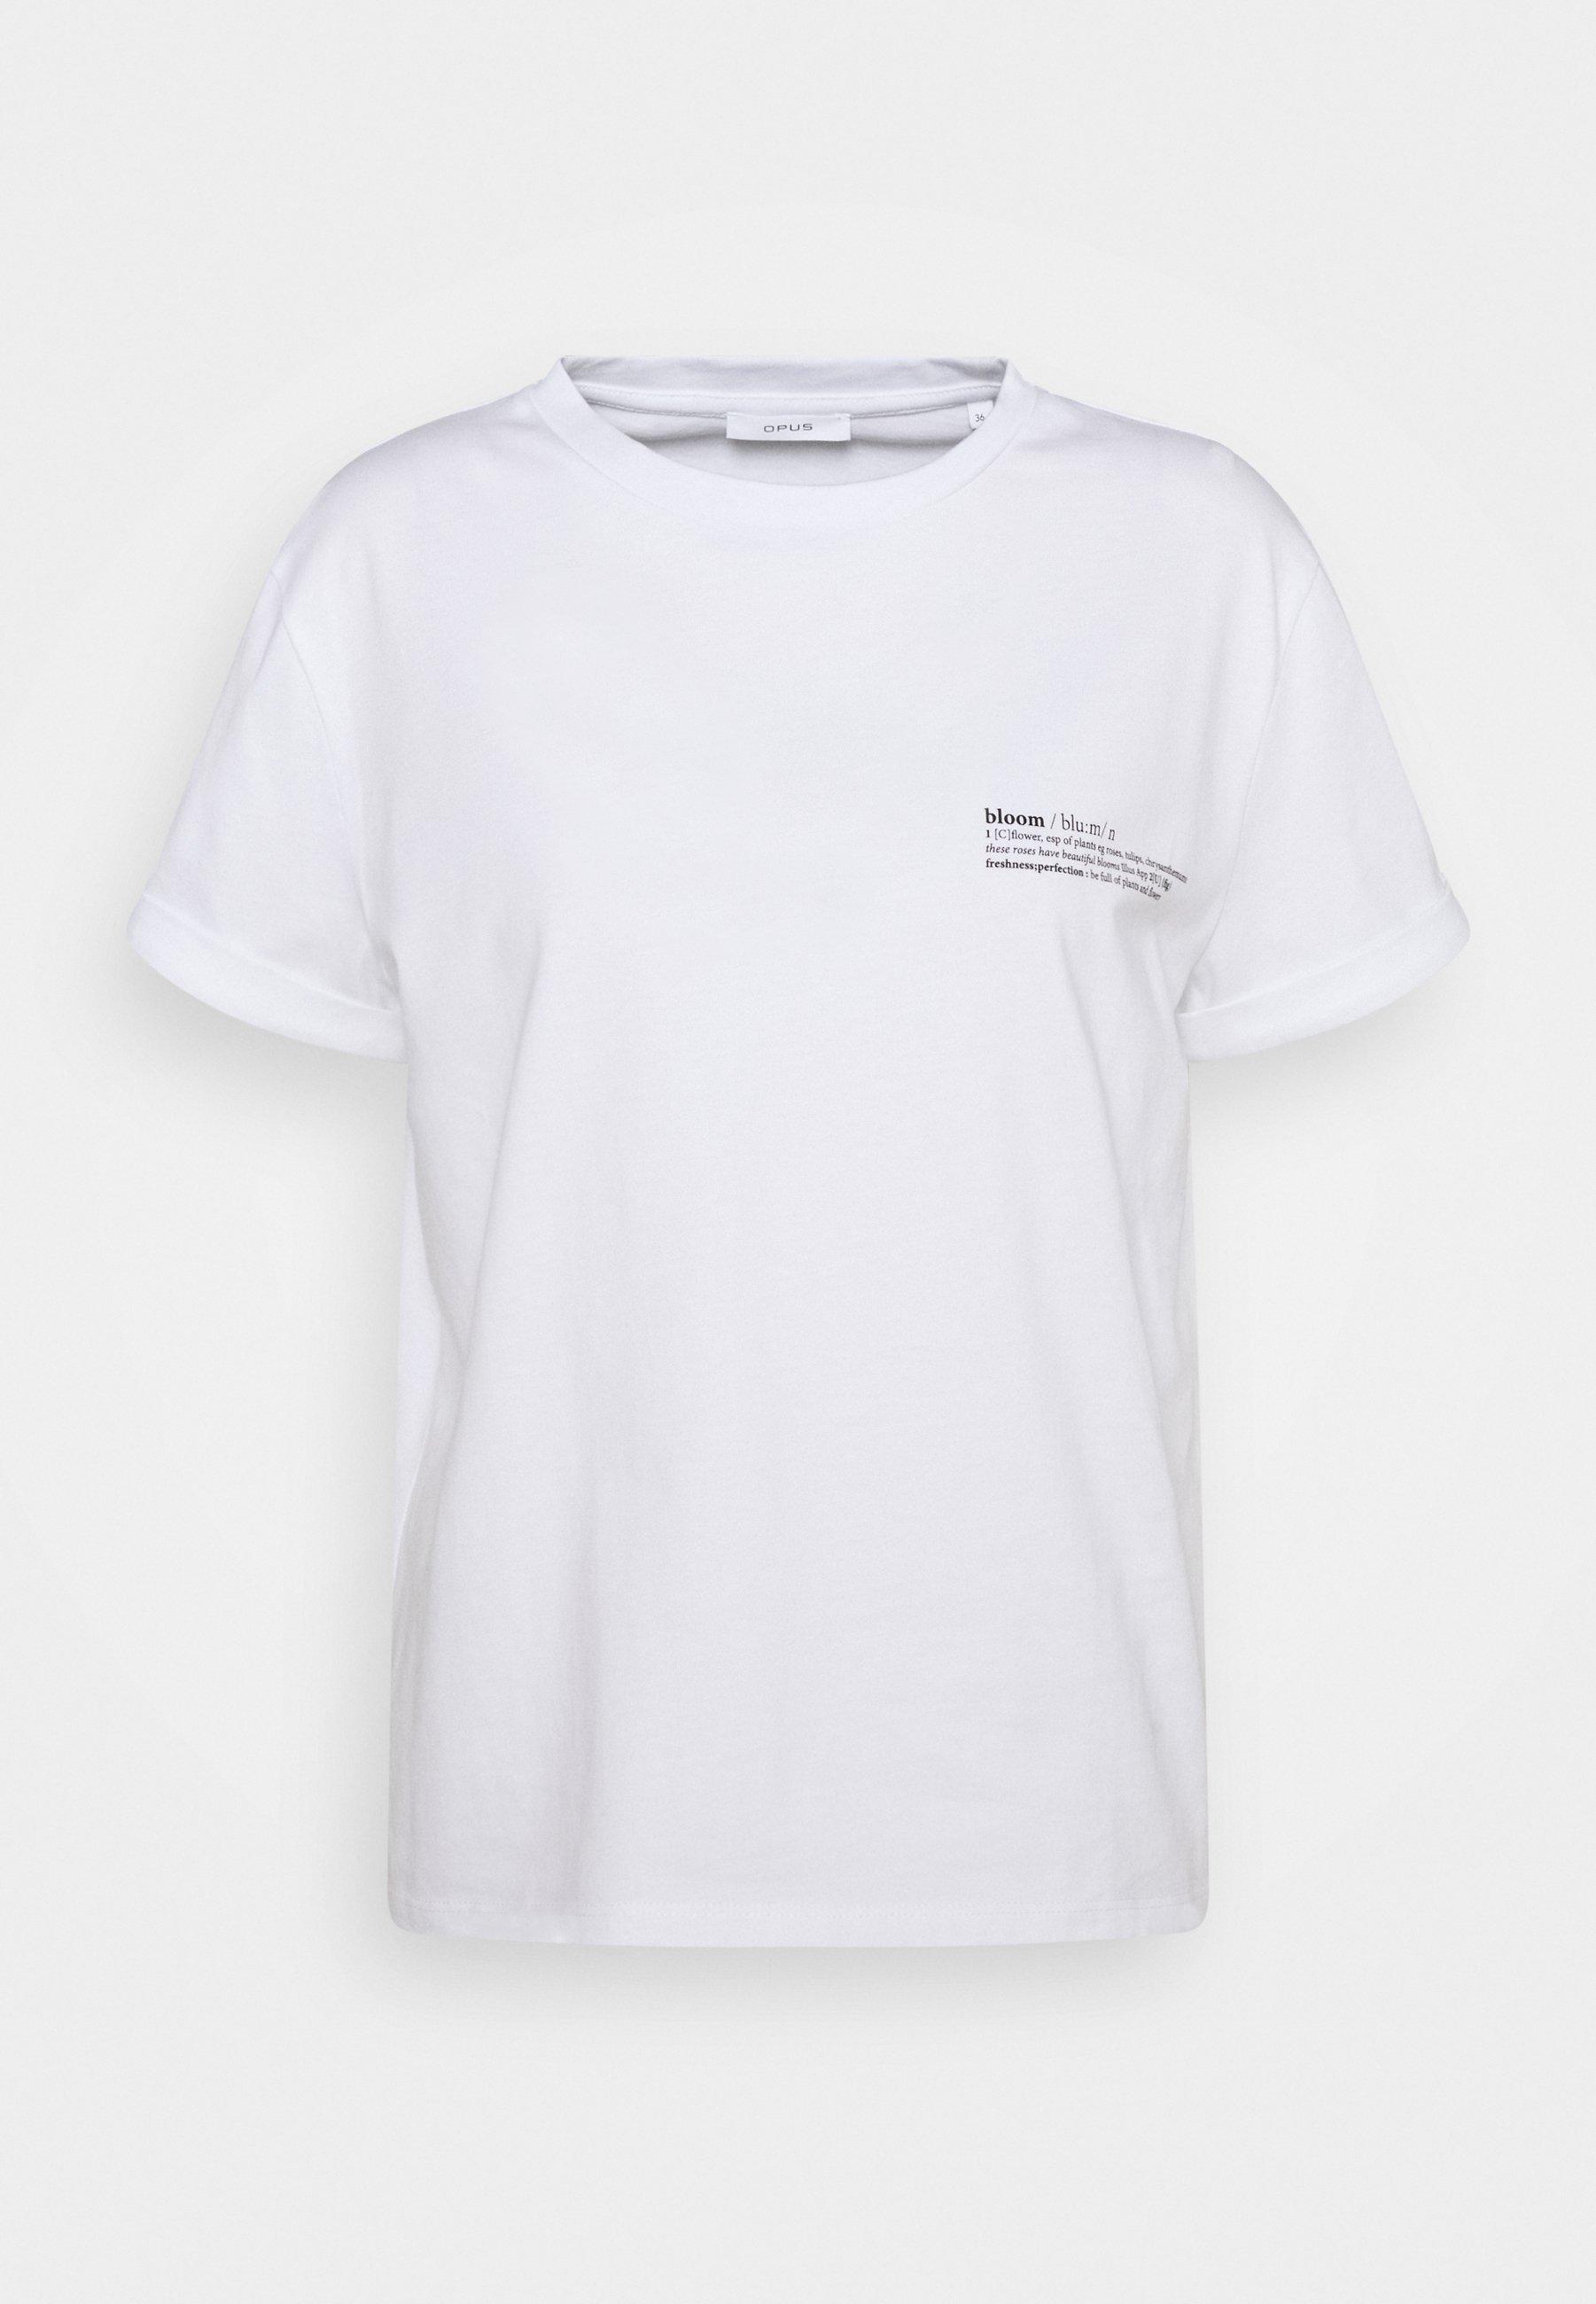 Women SERZ BLOOM - Print T-shirt